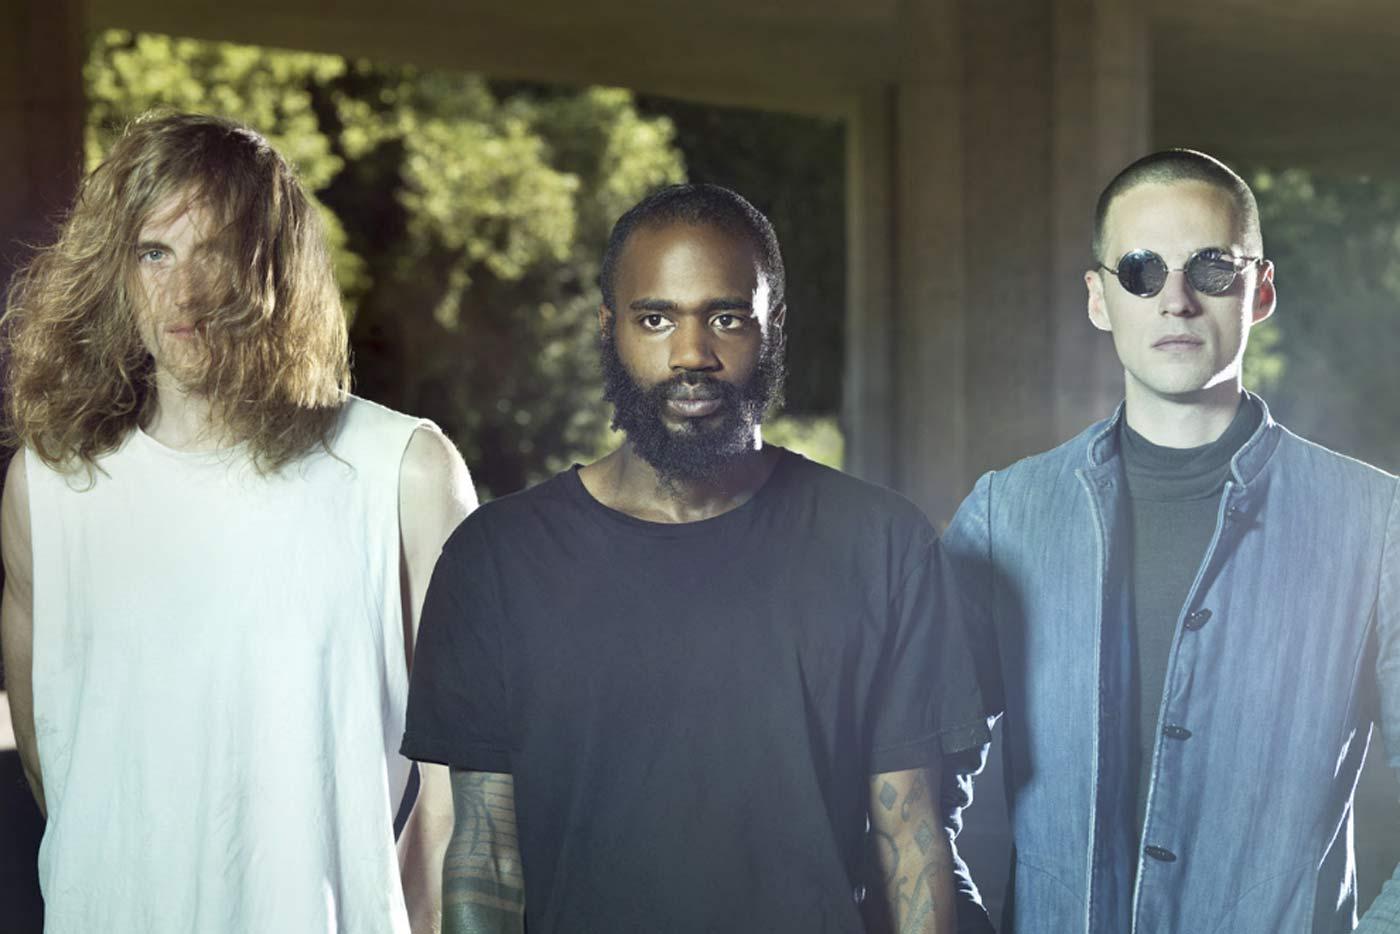 Justin Chancellor, bajista de Tool, está trabajando con Death Grips